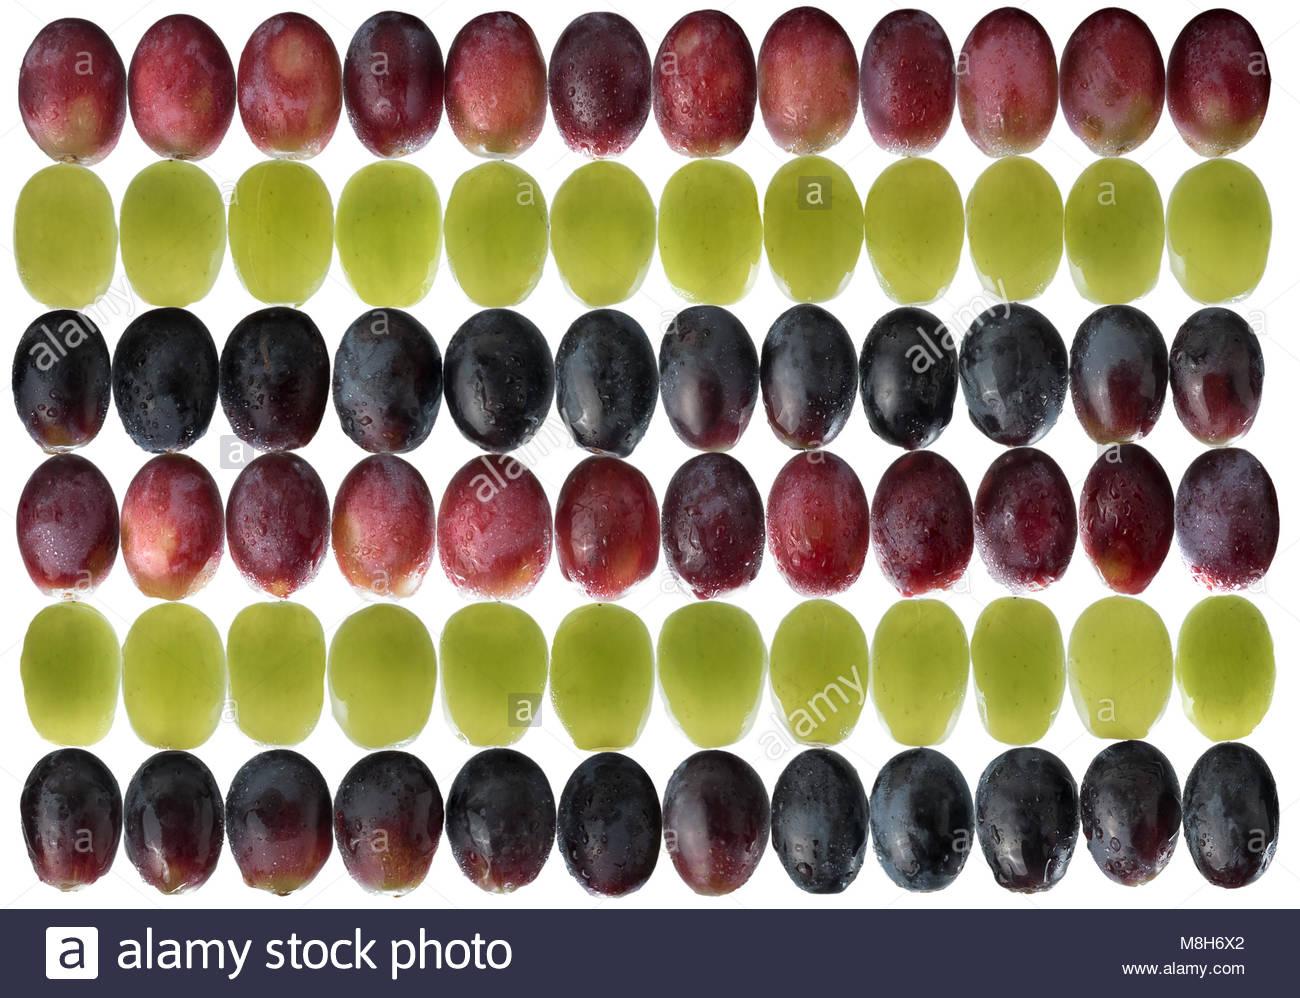 Bianco, uve nere e rosse in un disegno geometrico. Retroilluminati e di acqua spruzzata per un'immagine luminosa. Immagini Stock